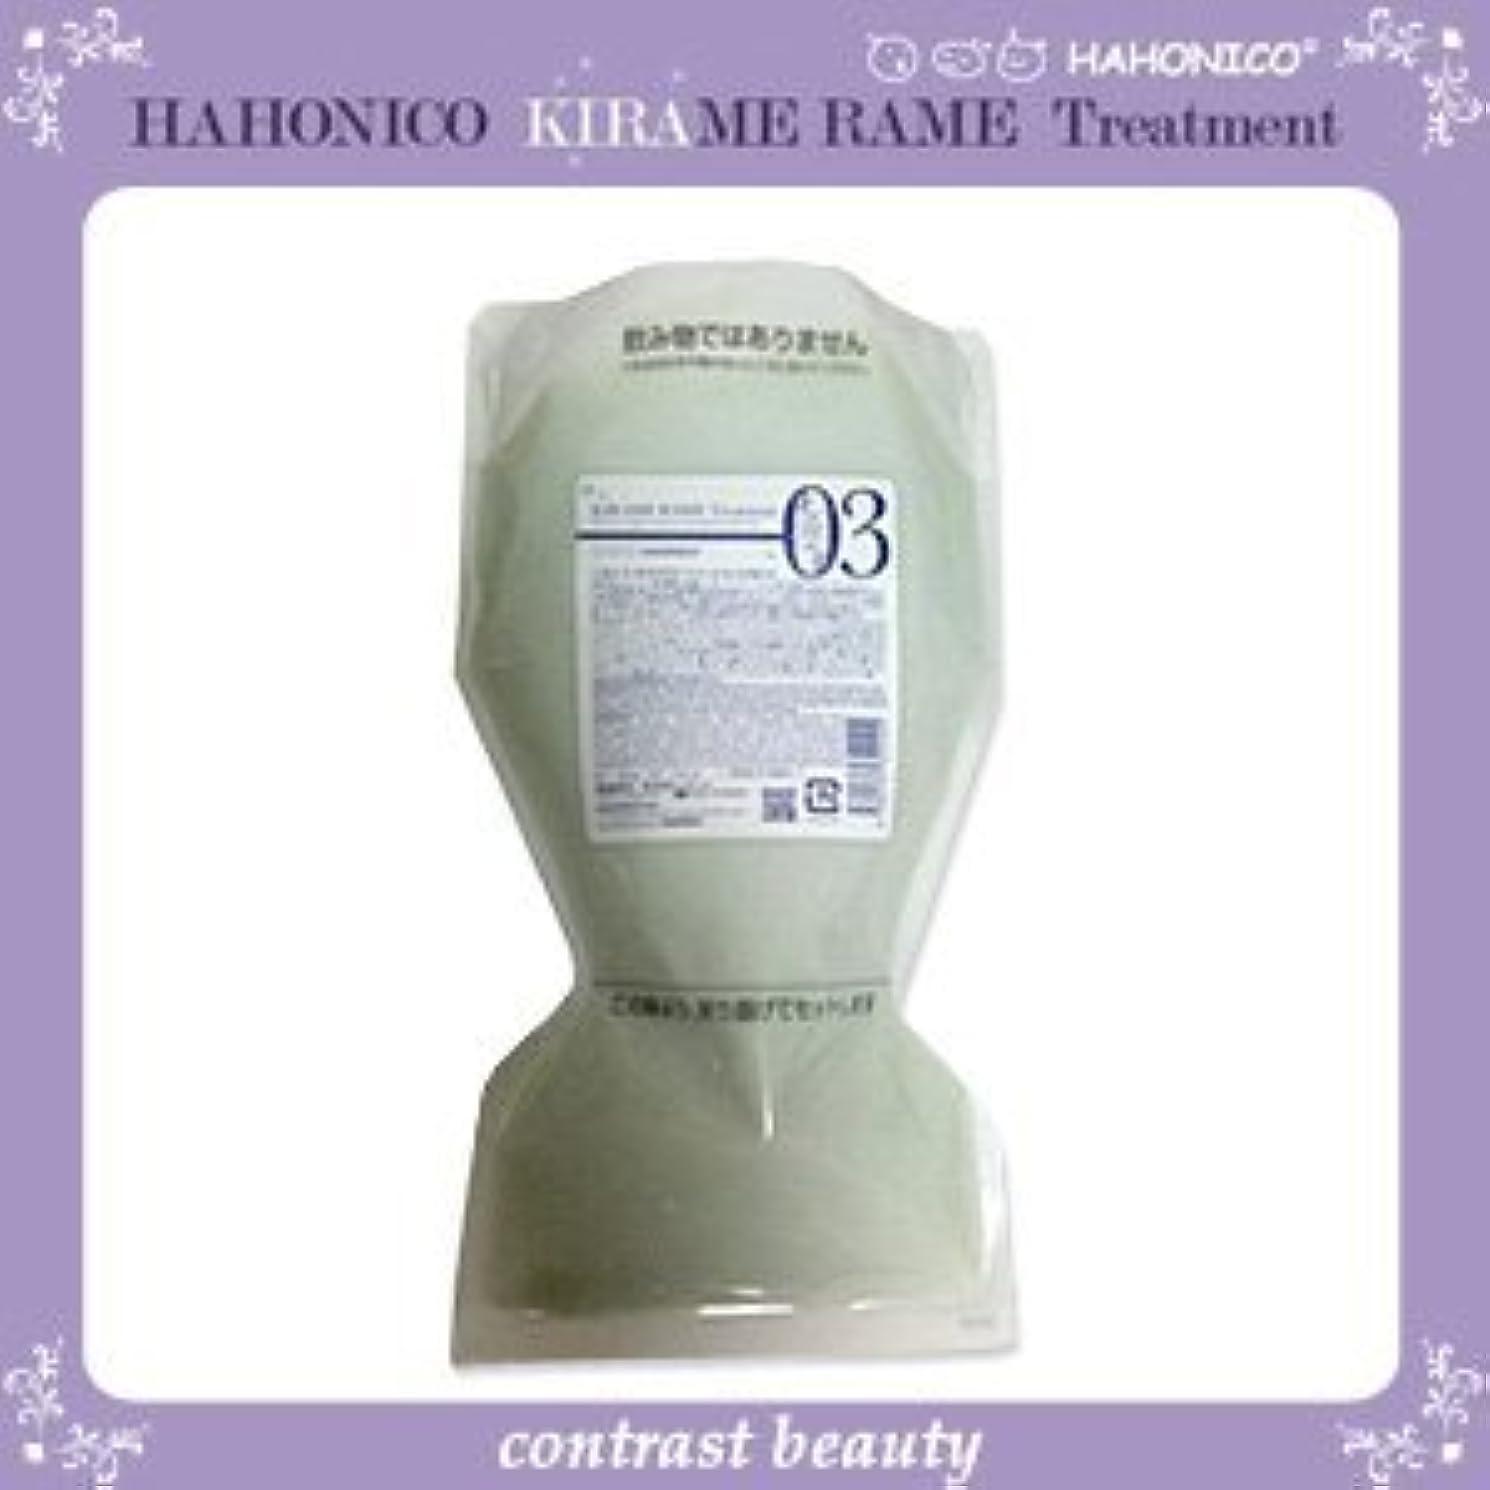 スラダム唇宣言するハホニコ キラメラメ トリートメントNo.3 500g(詰め替え) KIRAME RAME HAHONICO